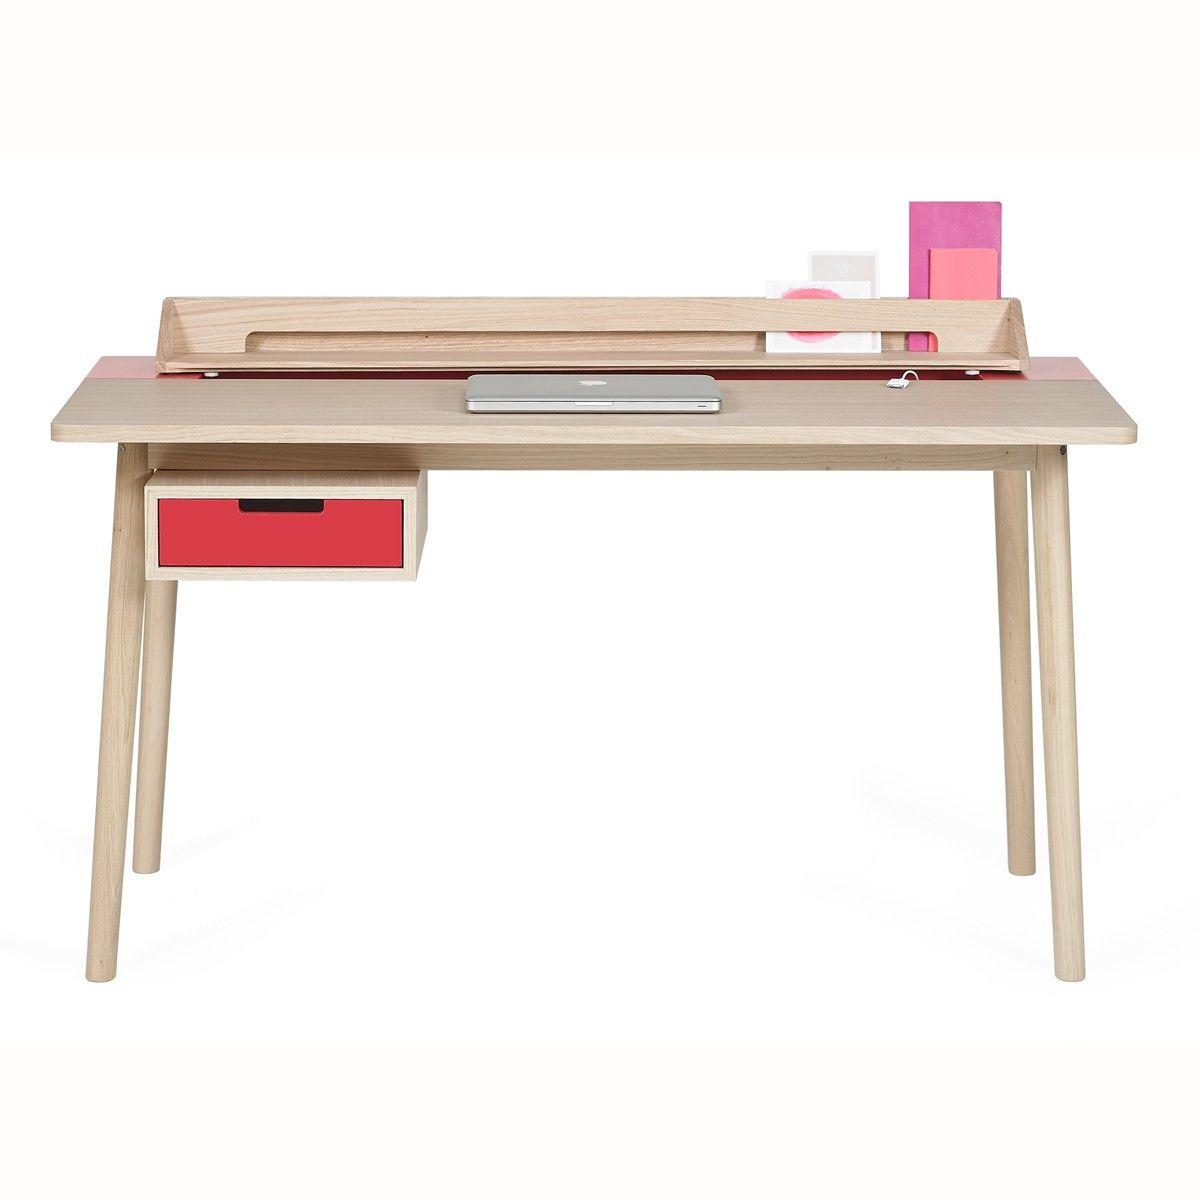 Harto Honore Schreibtisch Frontal Schreibtisch Eiche Massiv Schreibtisch Schreibtisch Eiche